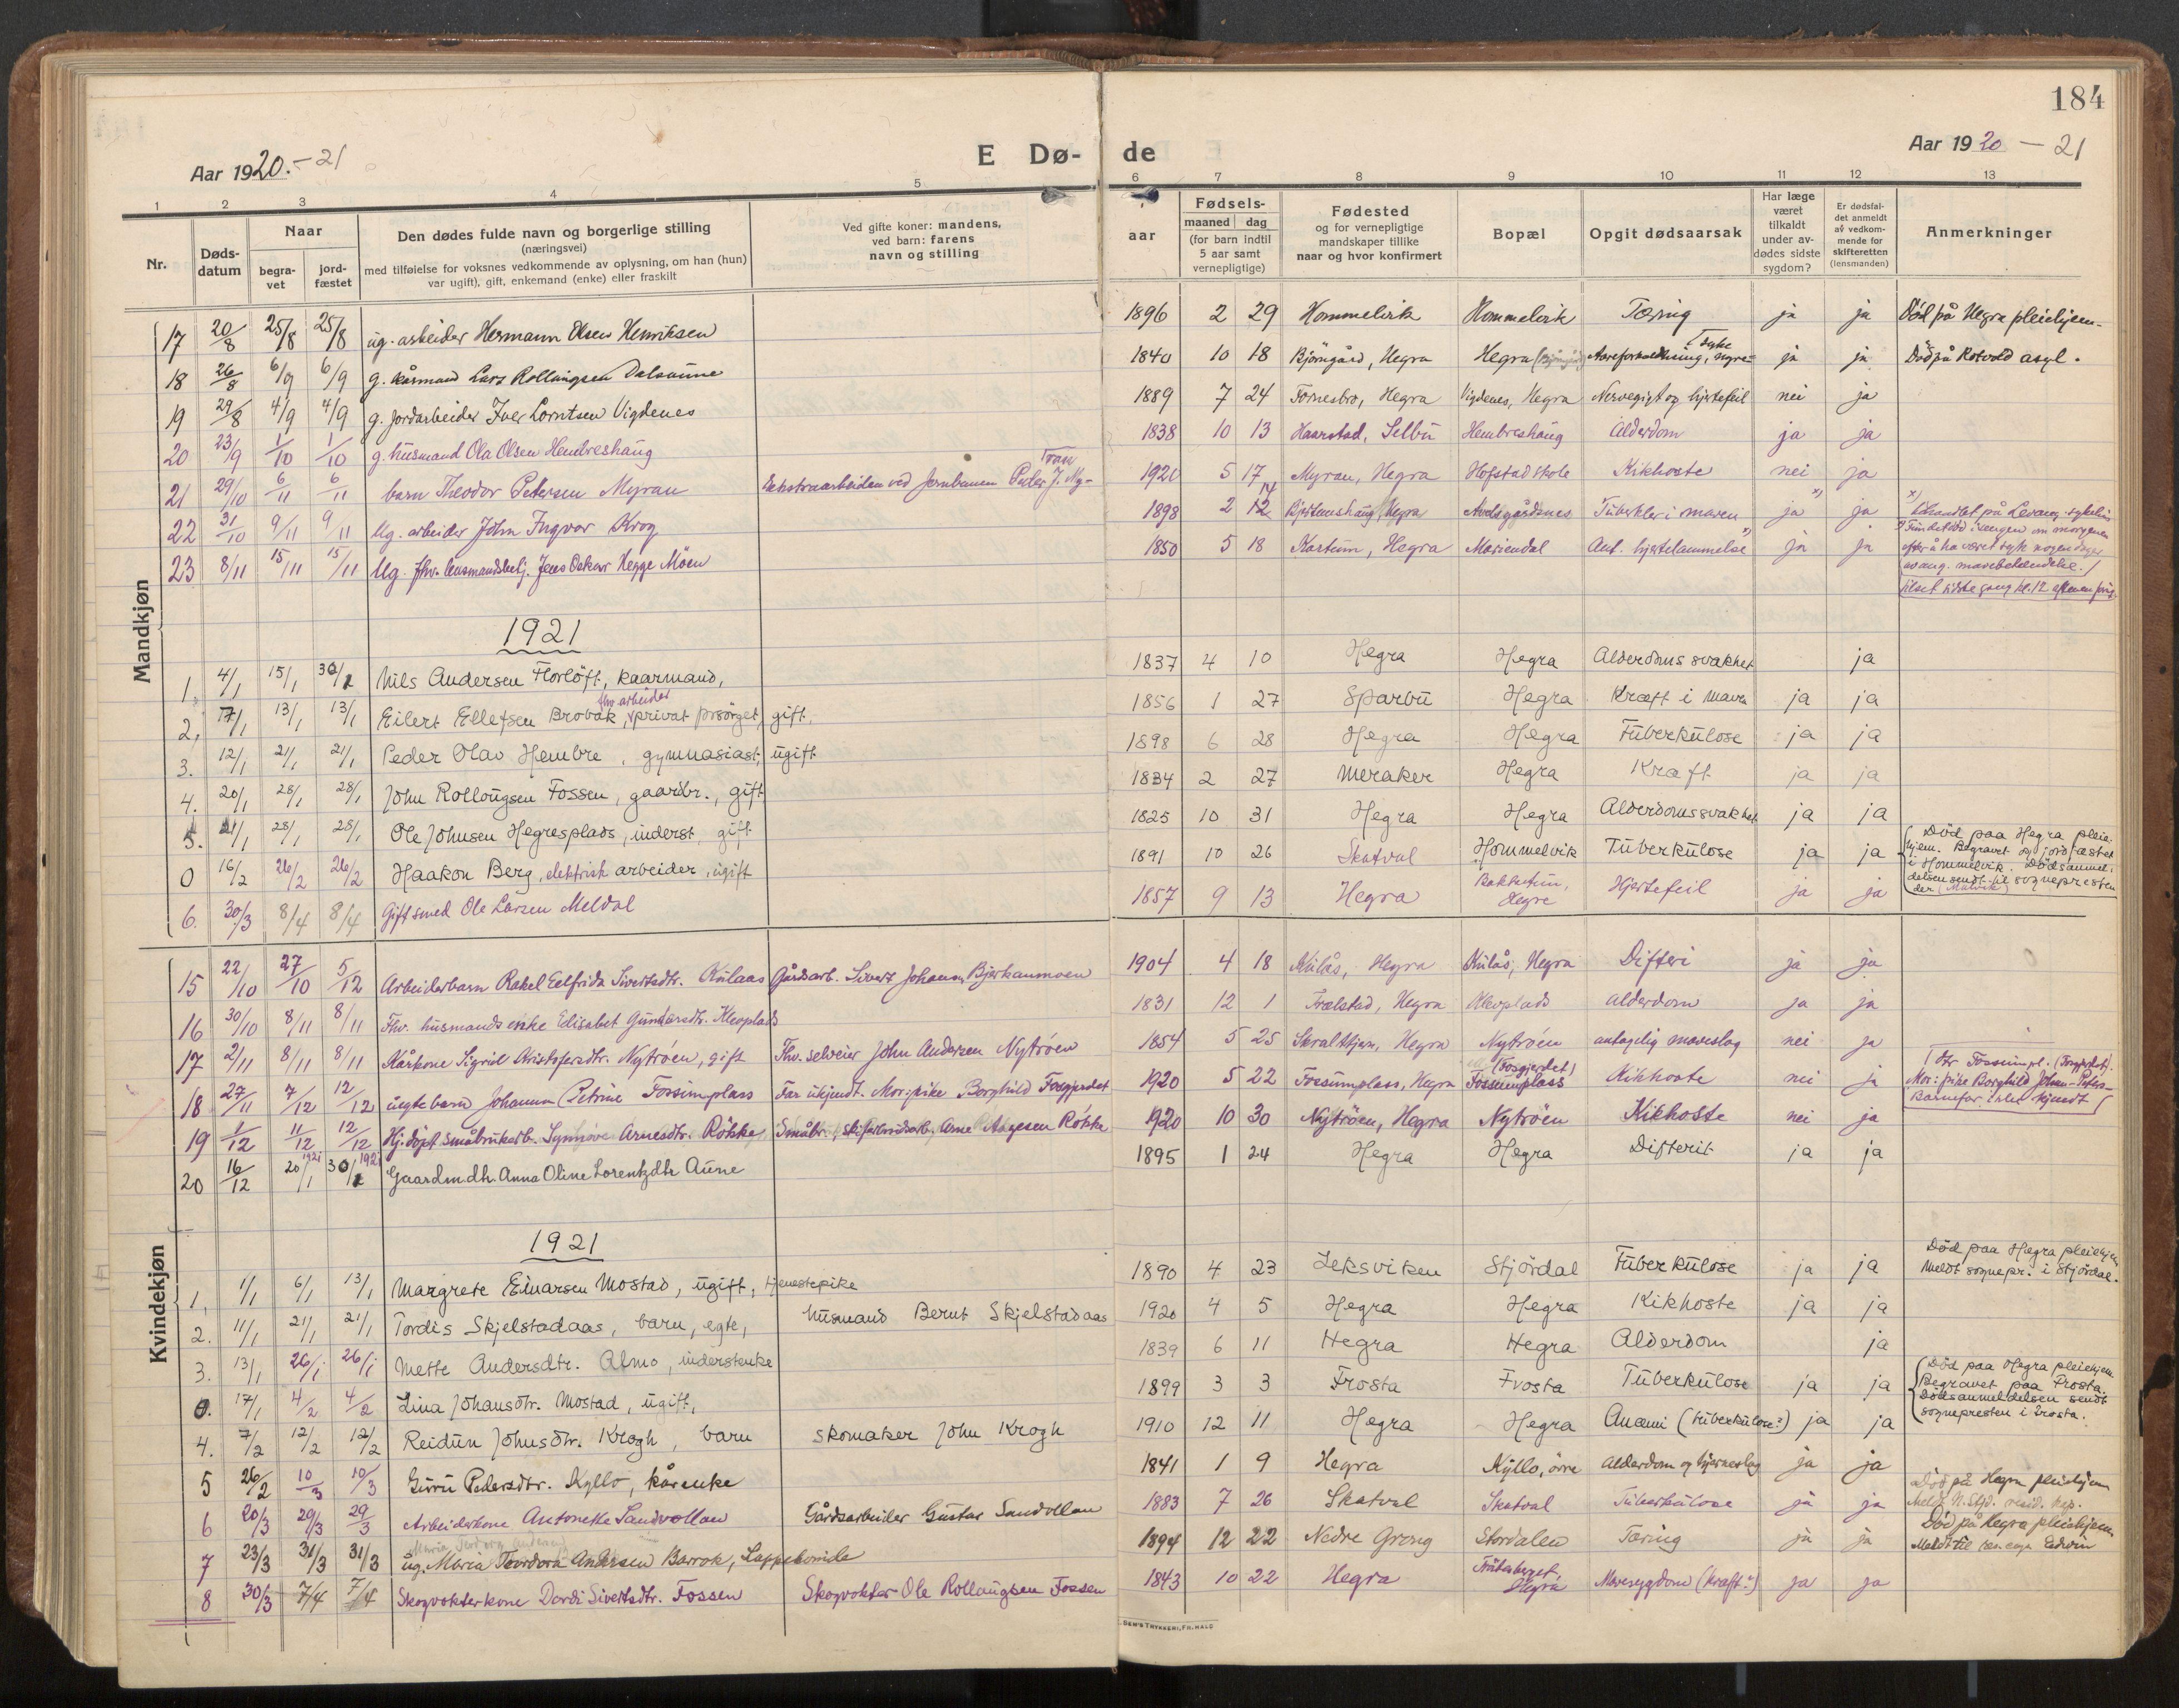 SAT, Ministerialprotokoller, klokkerbøker og fødselsregistre - Nord-Trøndelag, 703/L0037: Parish register (official) no. 703A10, 1915-1932, p. 184